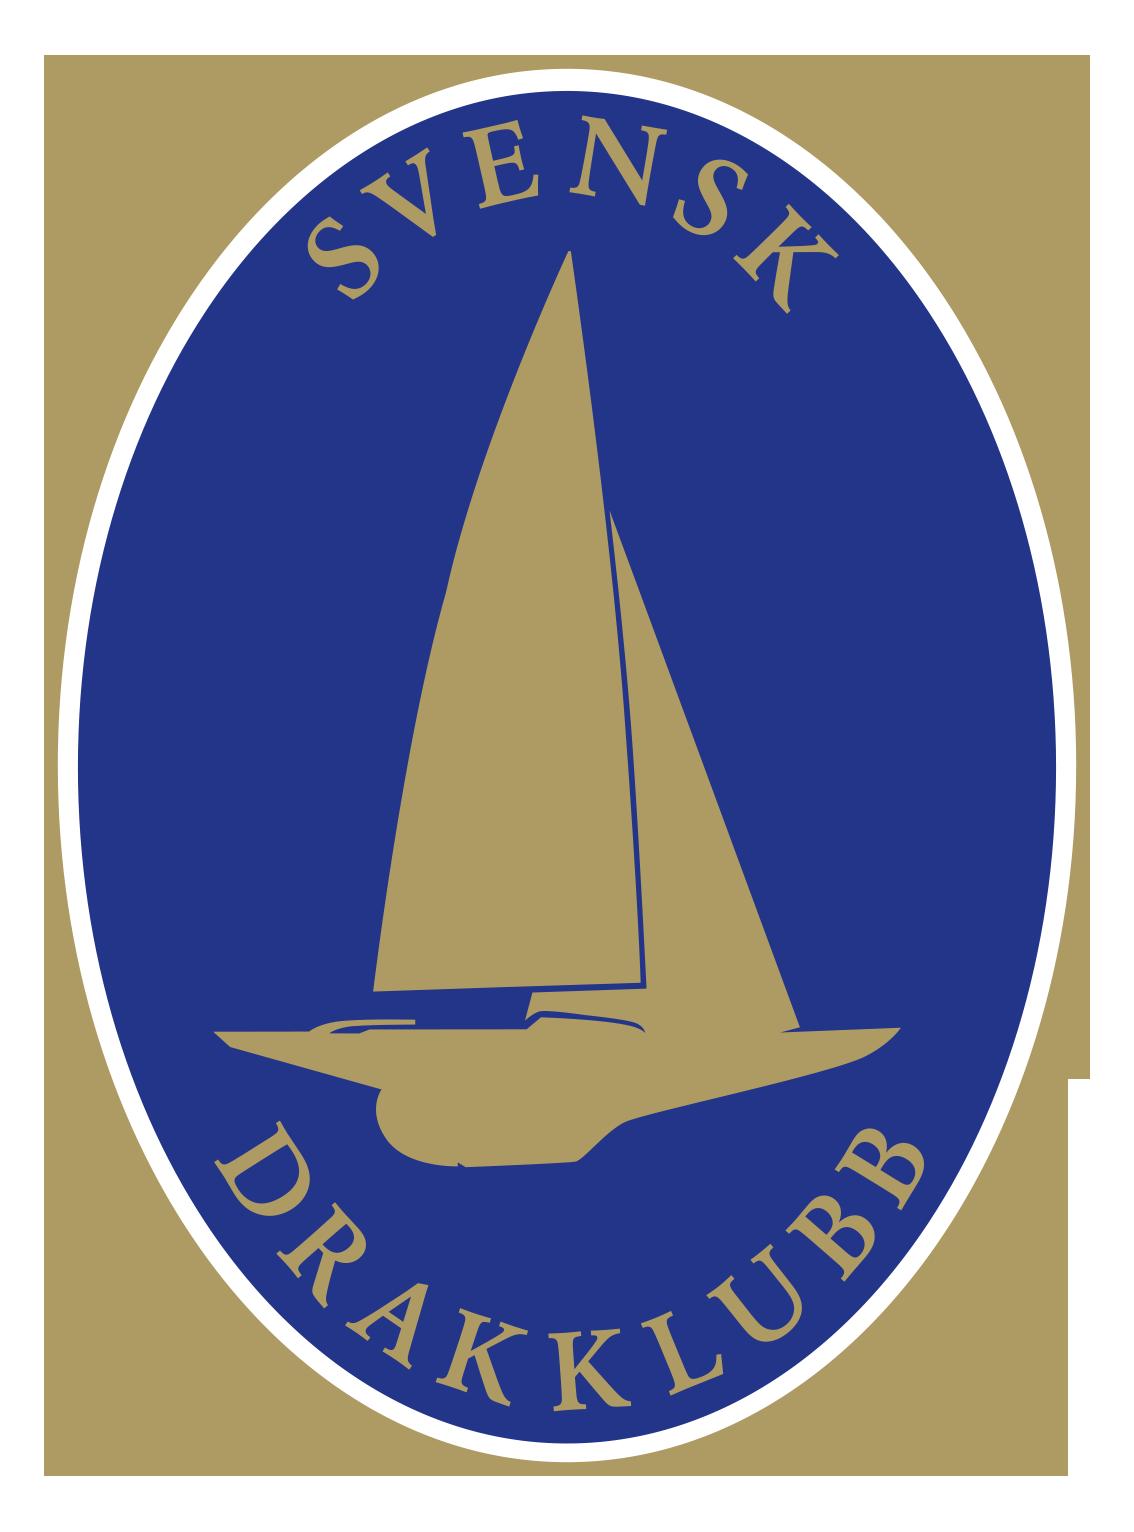 Svensk Drakklubb